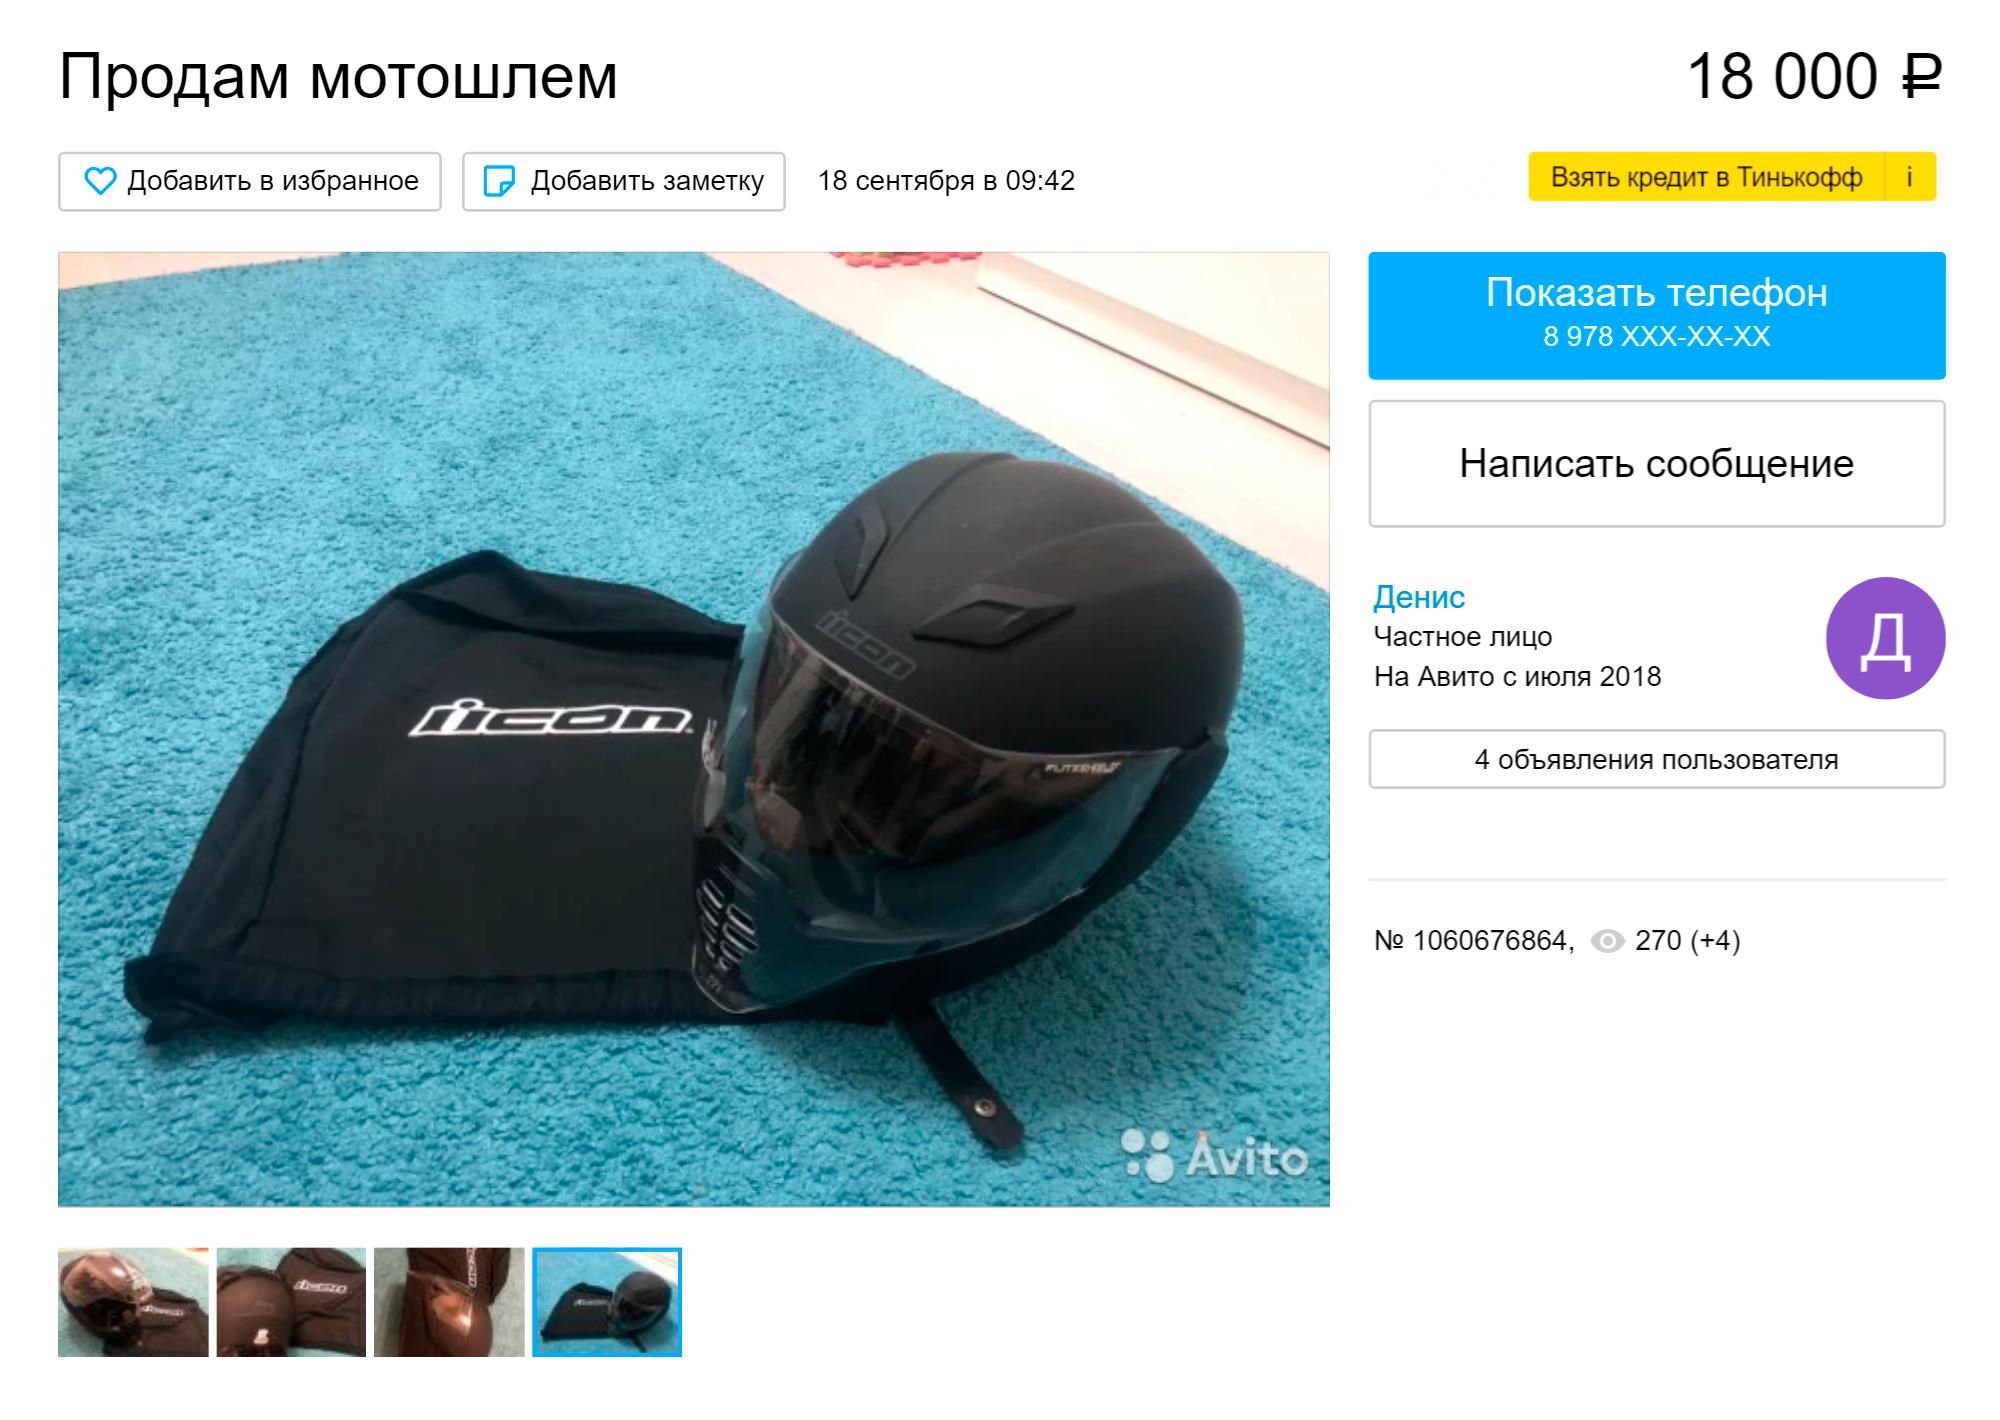 Такой же шлем, как у меня, кто-то продает на «Авито». Цена выше, чем та, по которой я купил свой новый шлем